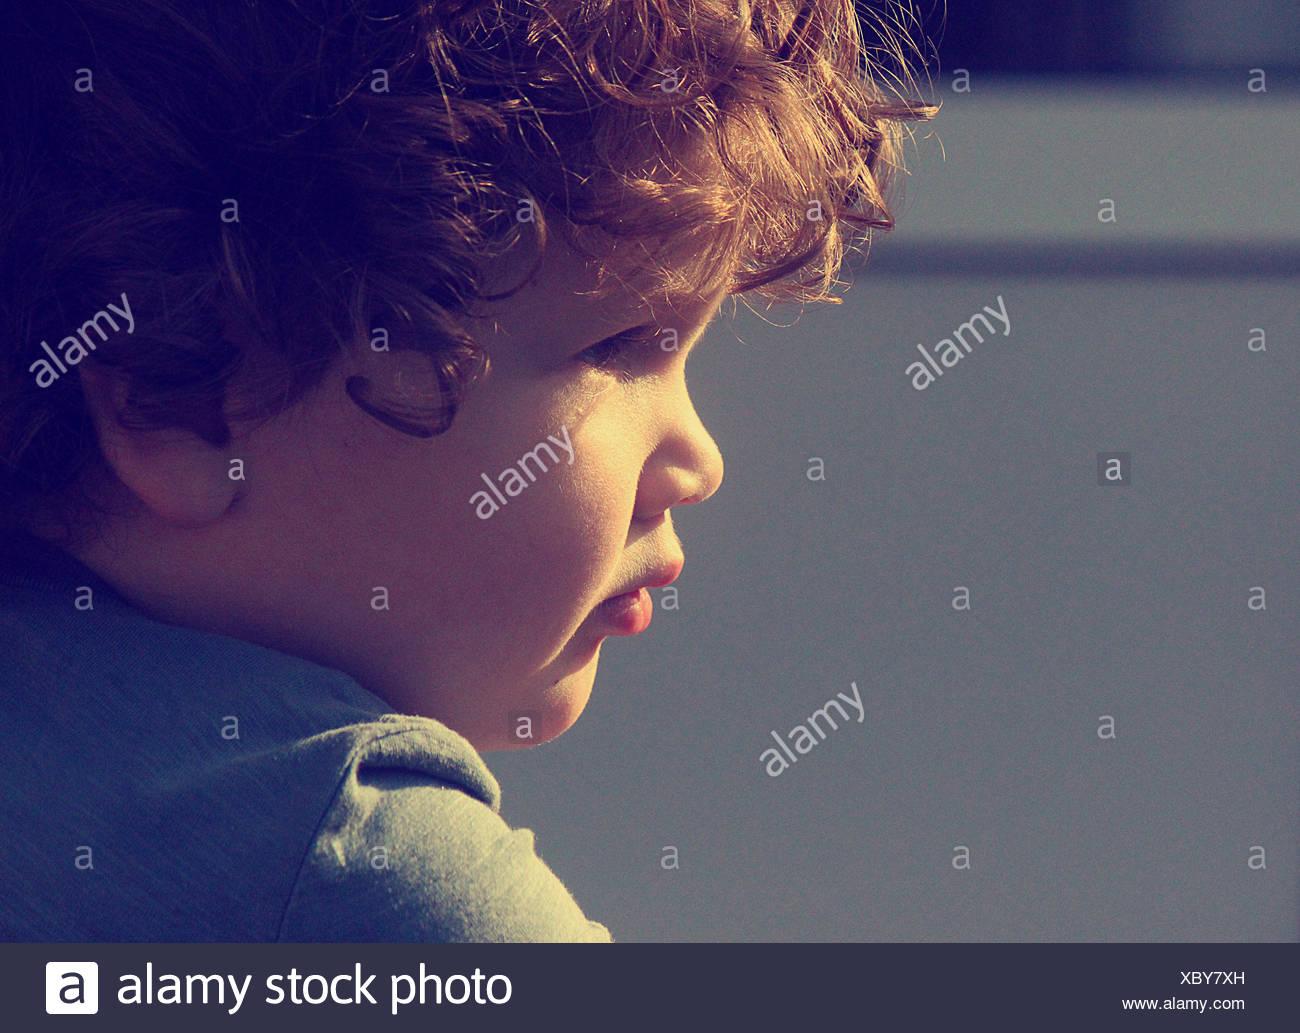 Ritratto di piccolo ragazzo con capelli ricci Immagini Stock